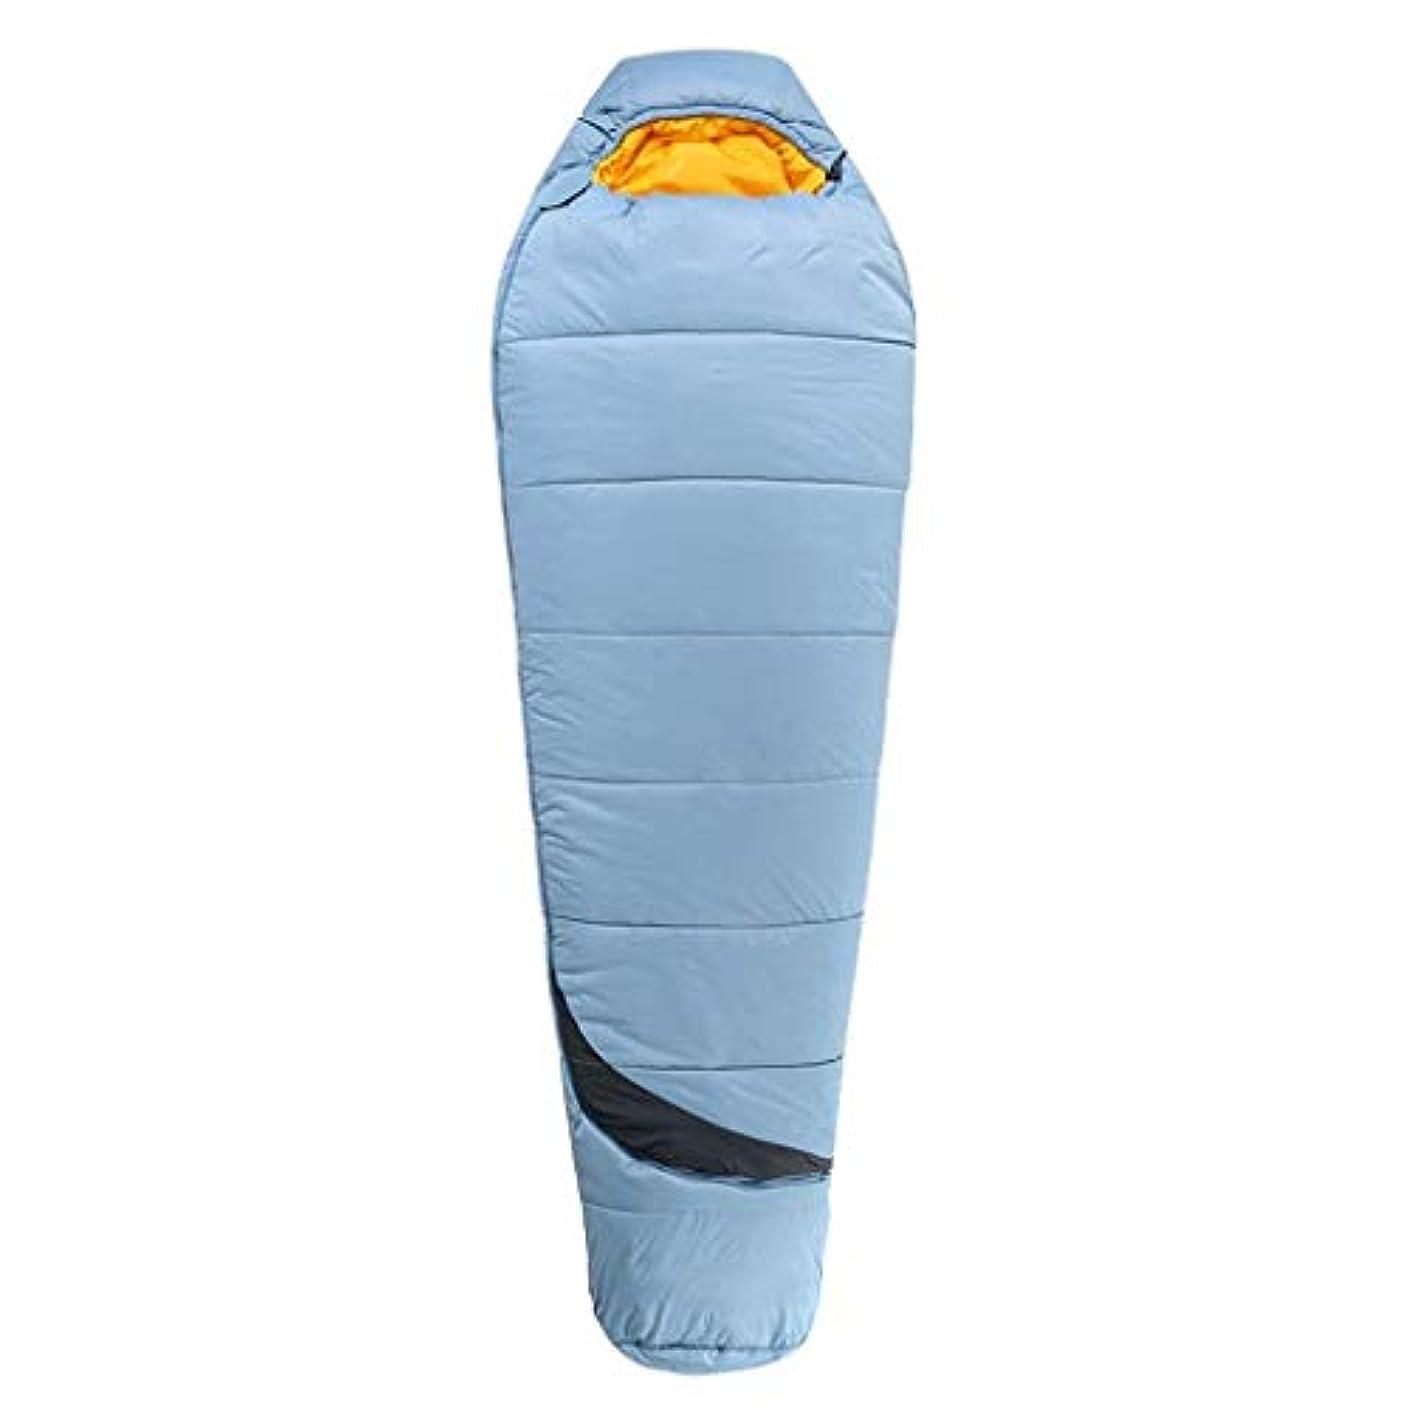 日付付きセーブ進化する大人のミイラの寝袋暖かい軽量4シーズンスリーピングマットキャンプ旅行ハイキング登山屋内野外活動青(色:A)